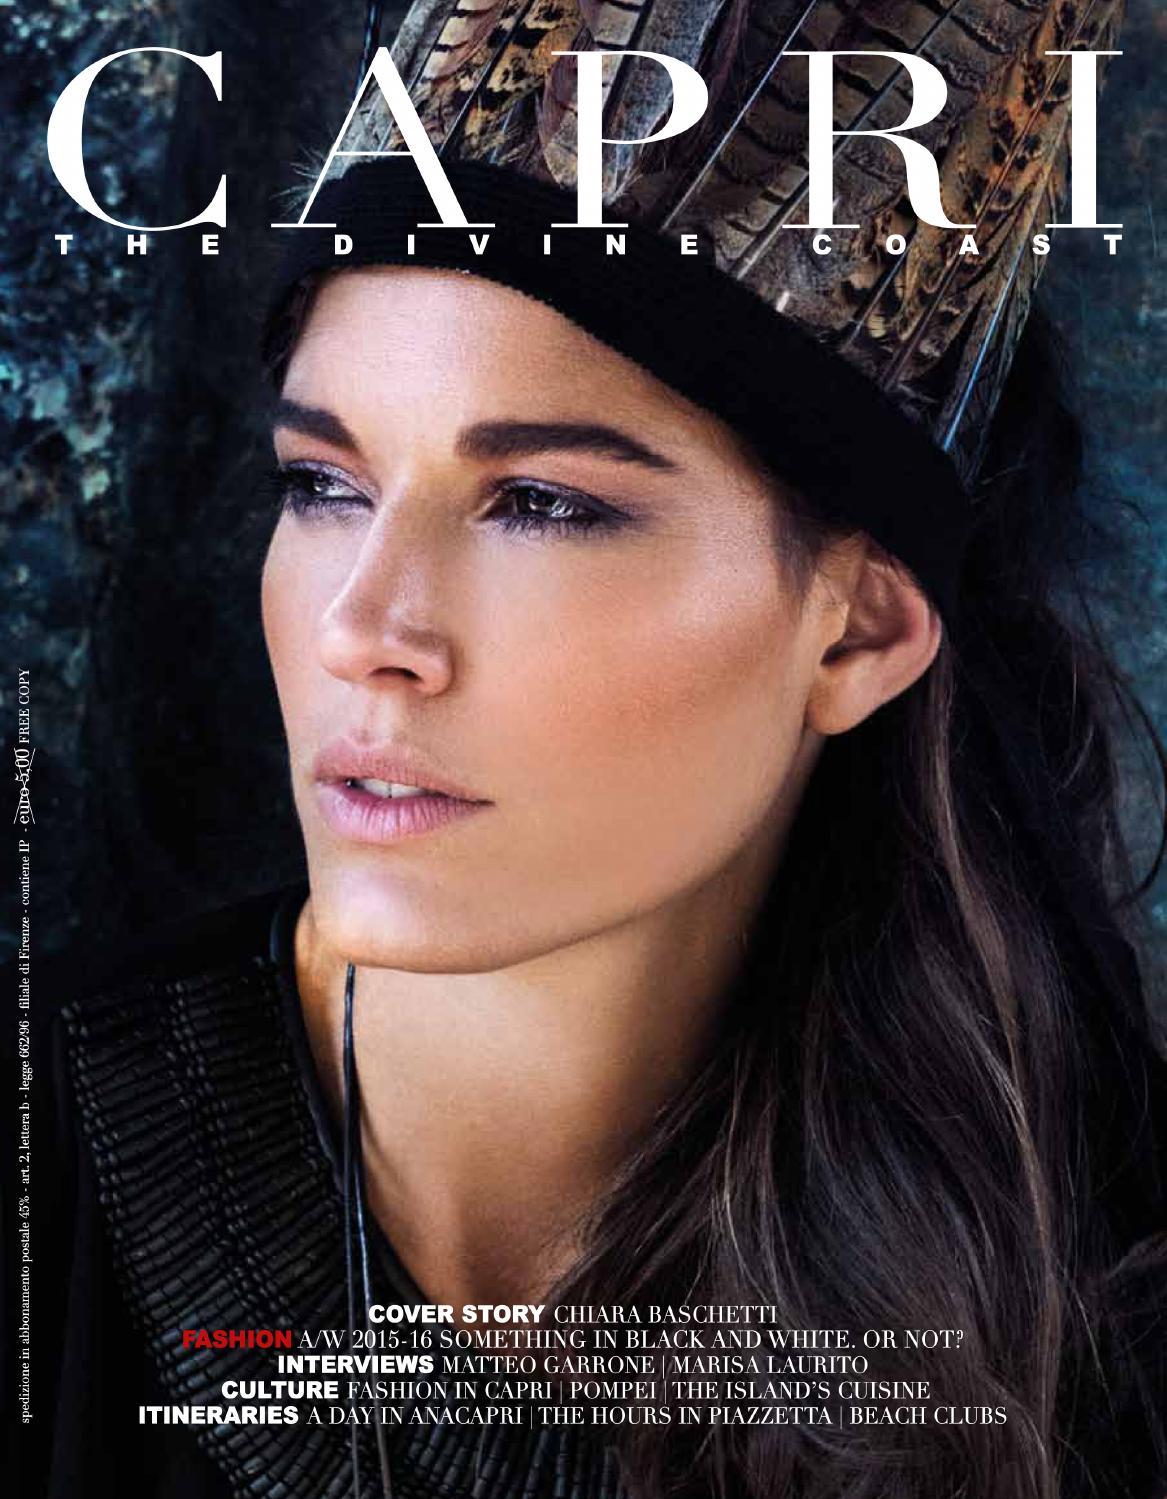 Magazine Editoriale 16 Issuu Capri Srl N By Gruppo 1JlKcTF3